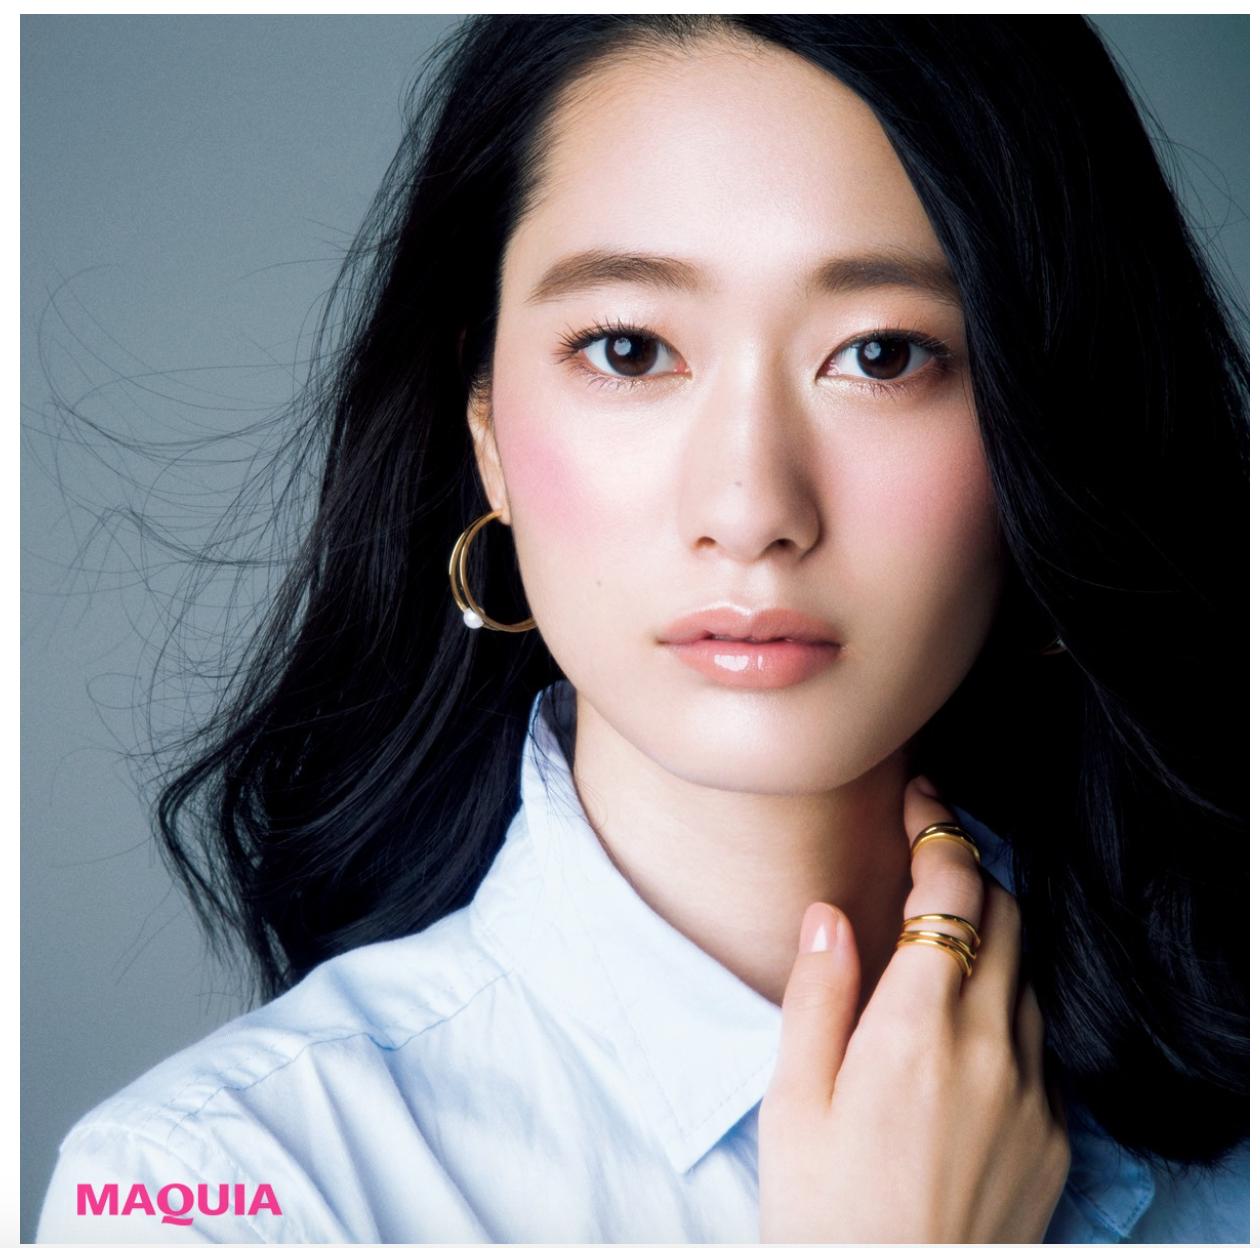 Японская девушка онлайн 9 фотография